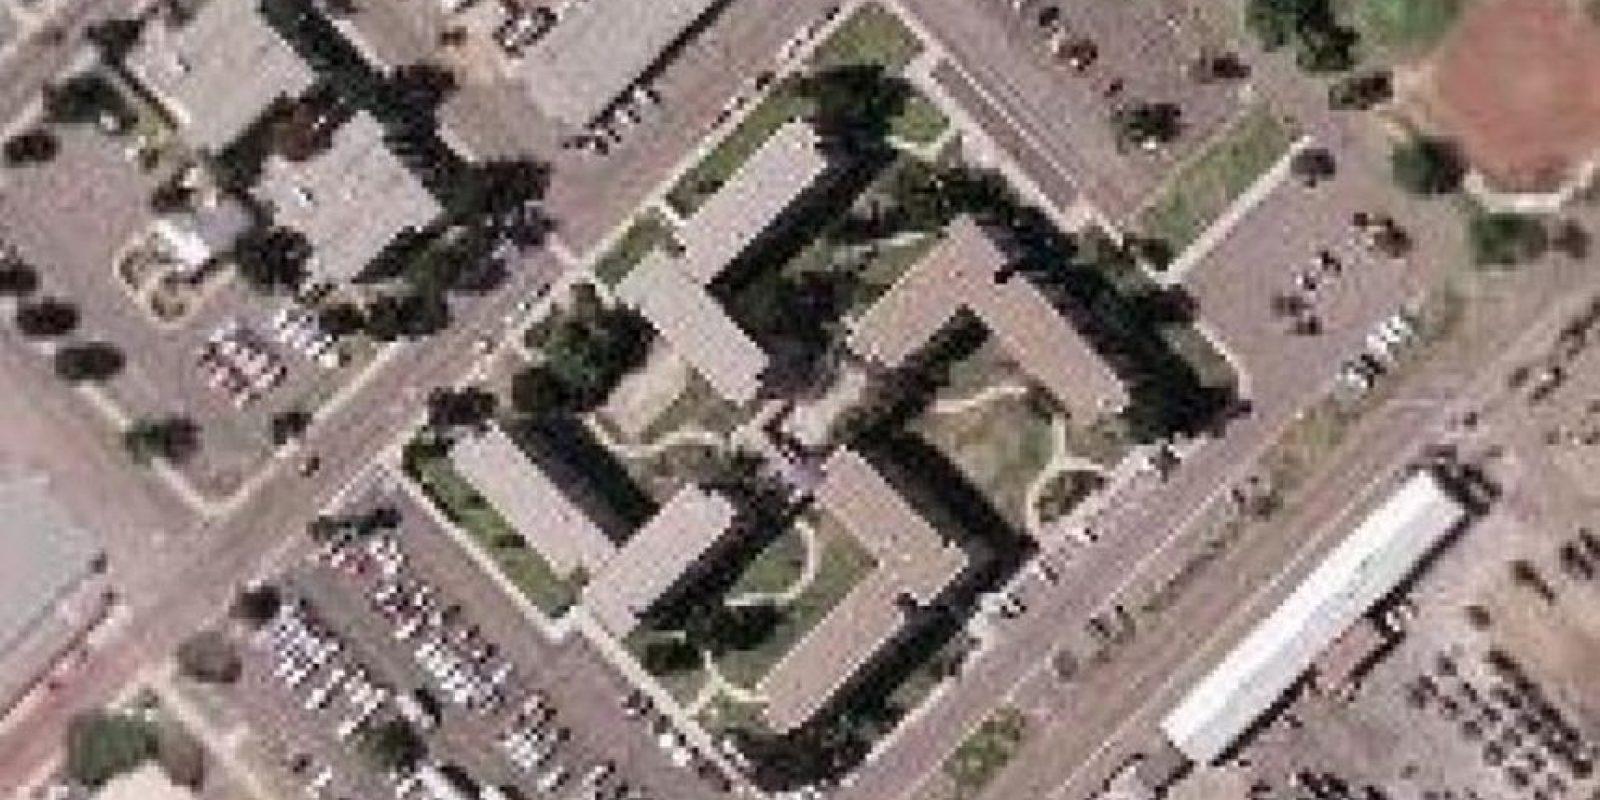 ¿Edificio o símbolo nazi? Foto:Google Earth